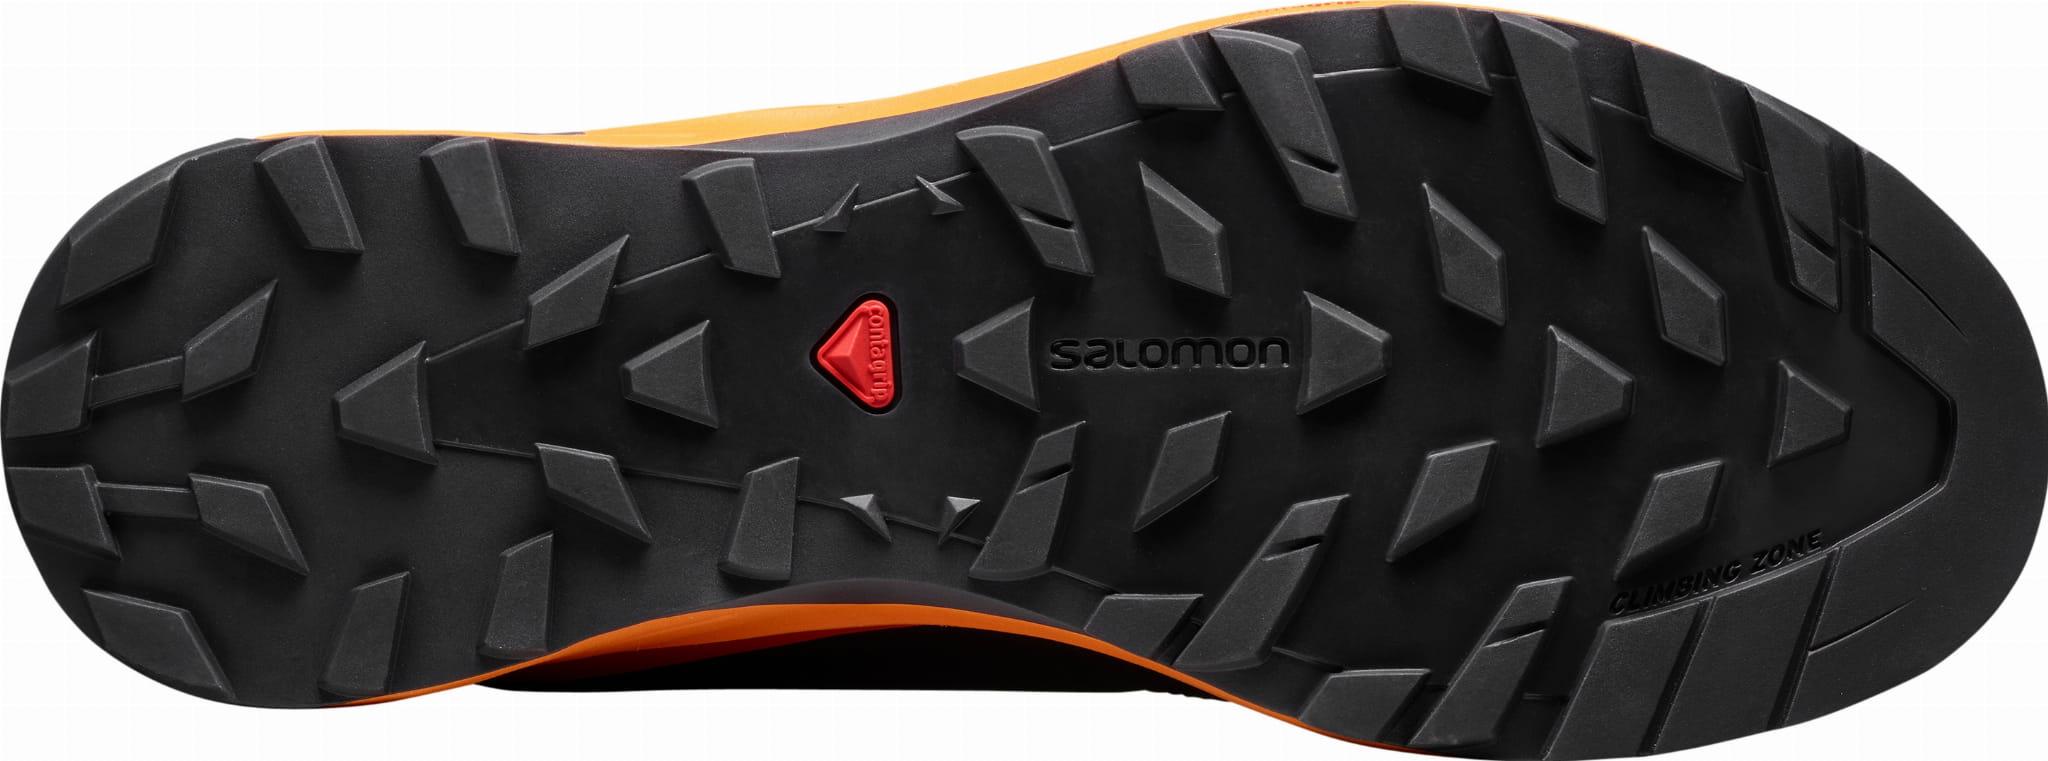 BUTY MĘSKIE SALOMON X ALPINE PRO M 407196